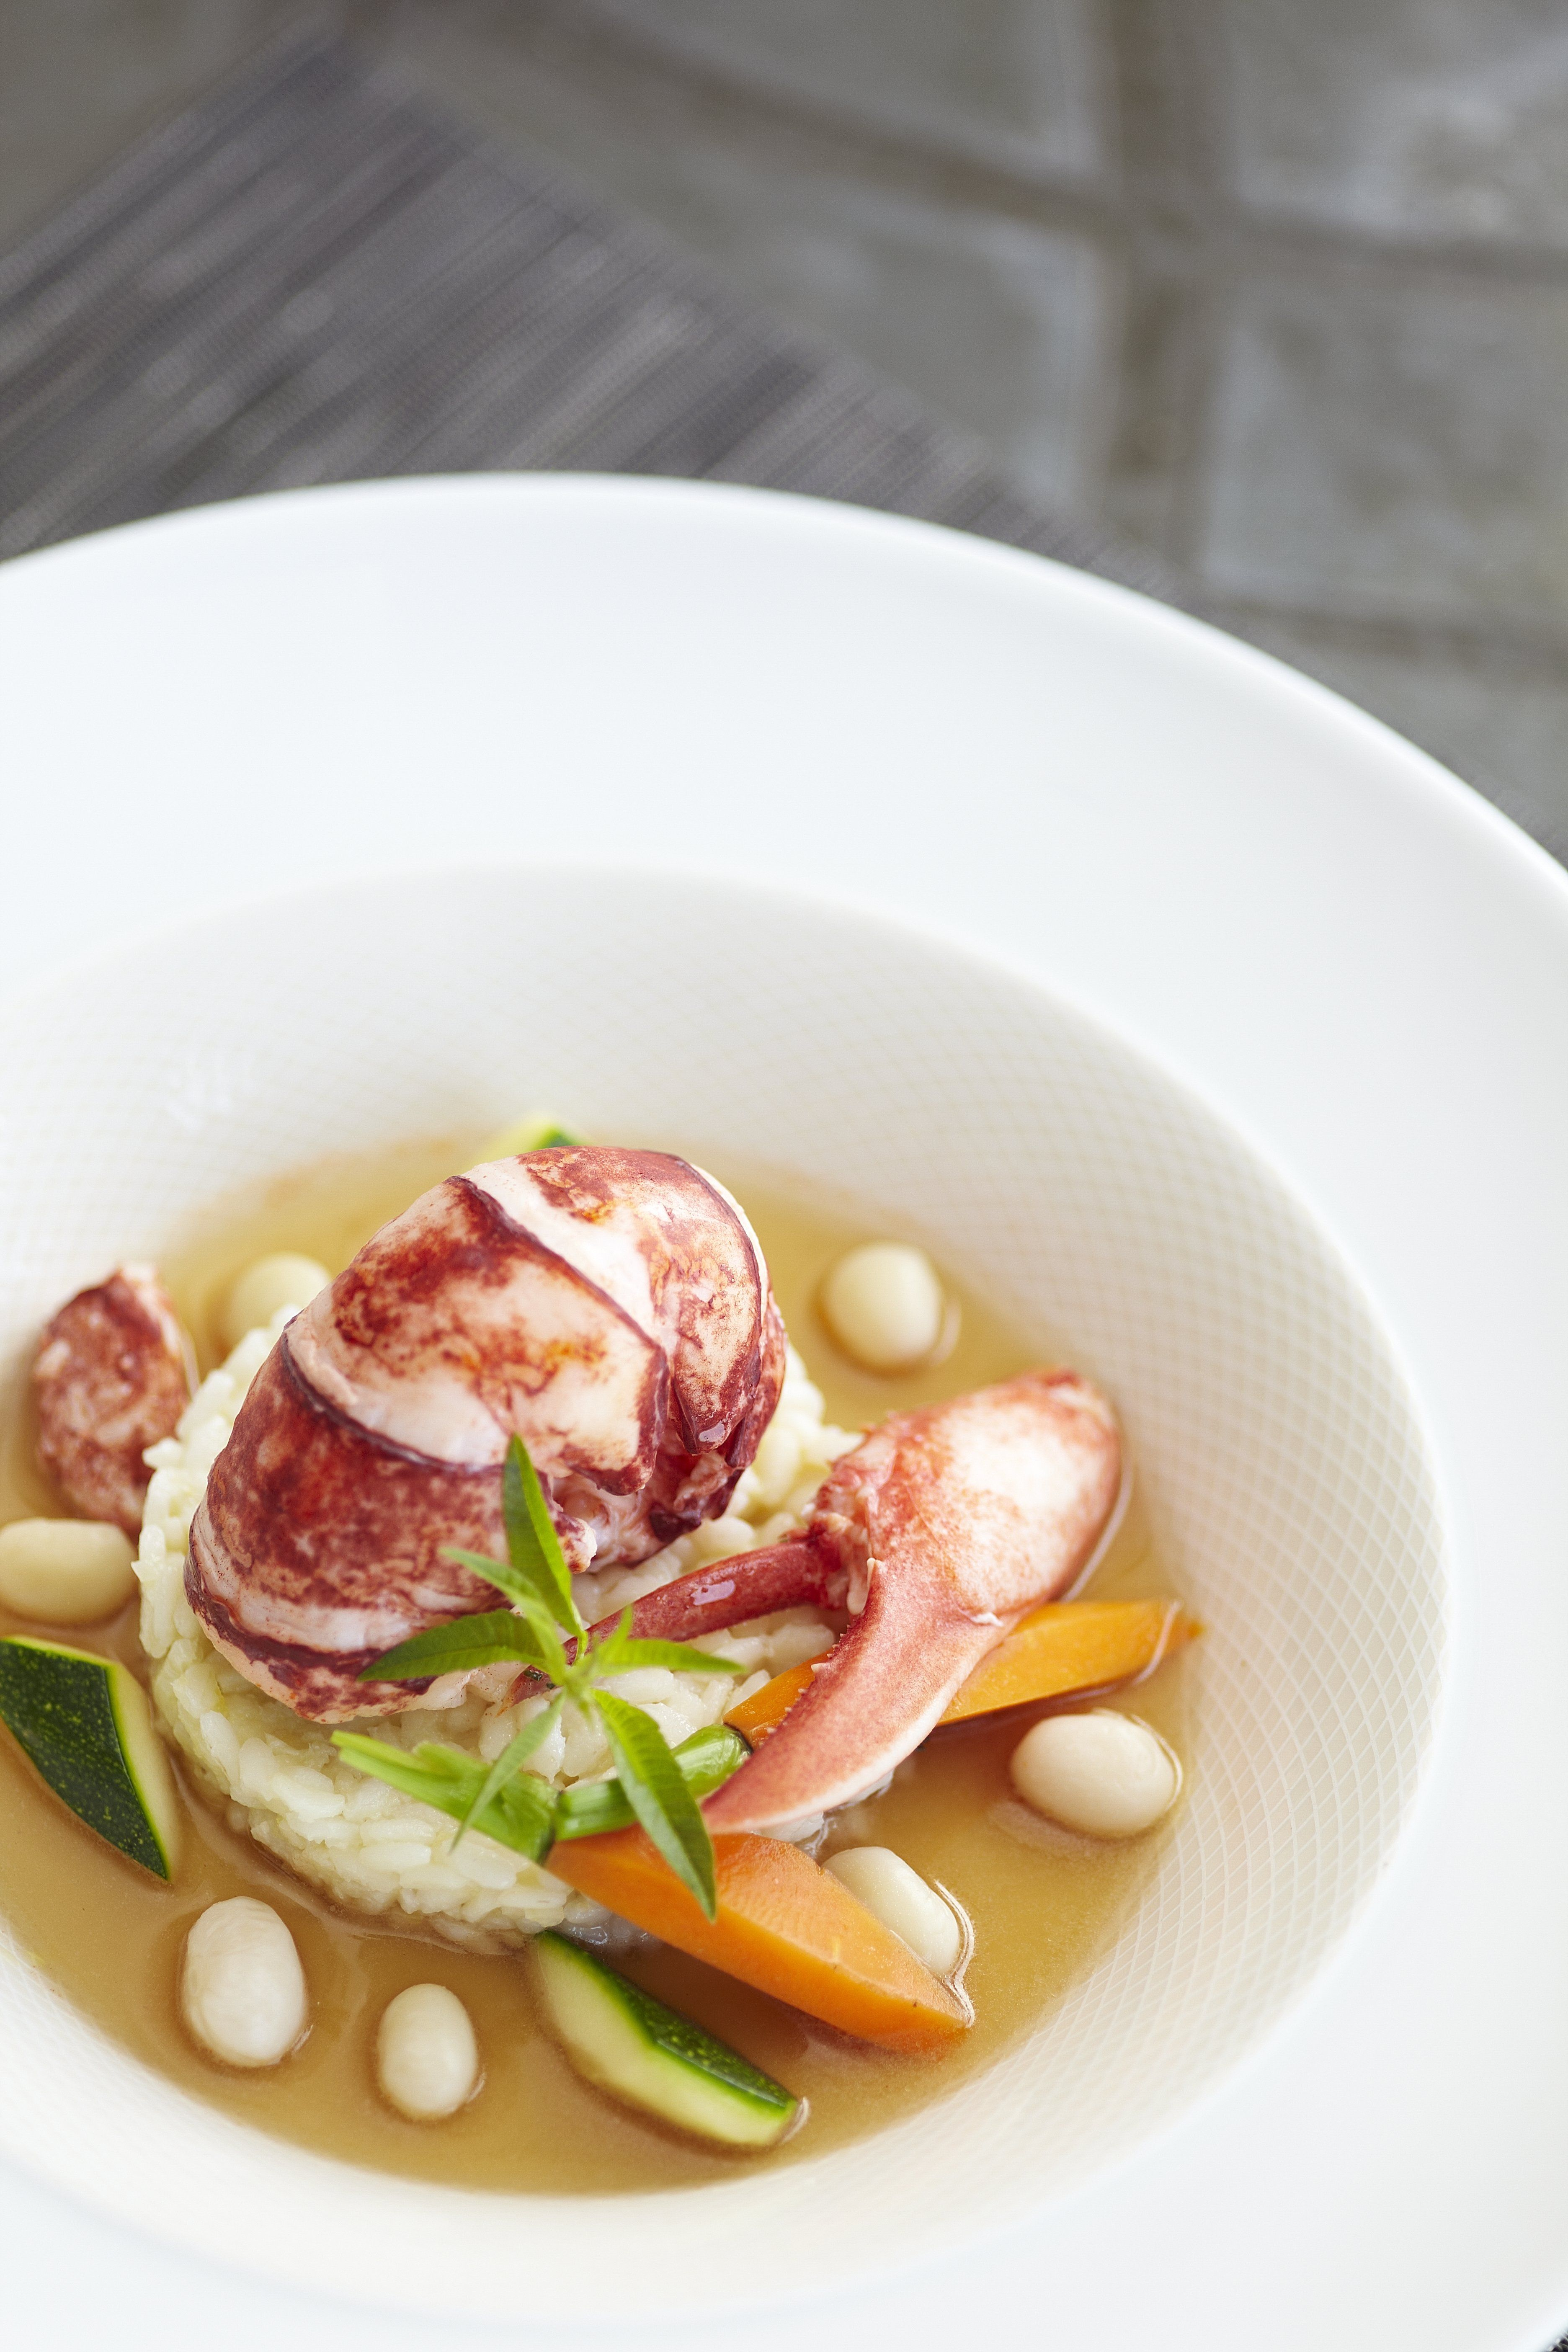 Plat gastronomique marin cr dit a lamoureux gastronomie food pinterest plat - Recette plat gastronomique ...